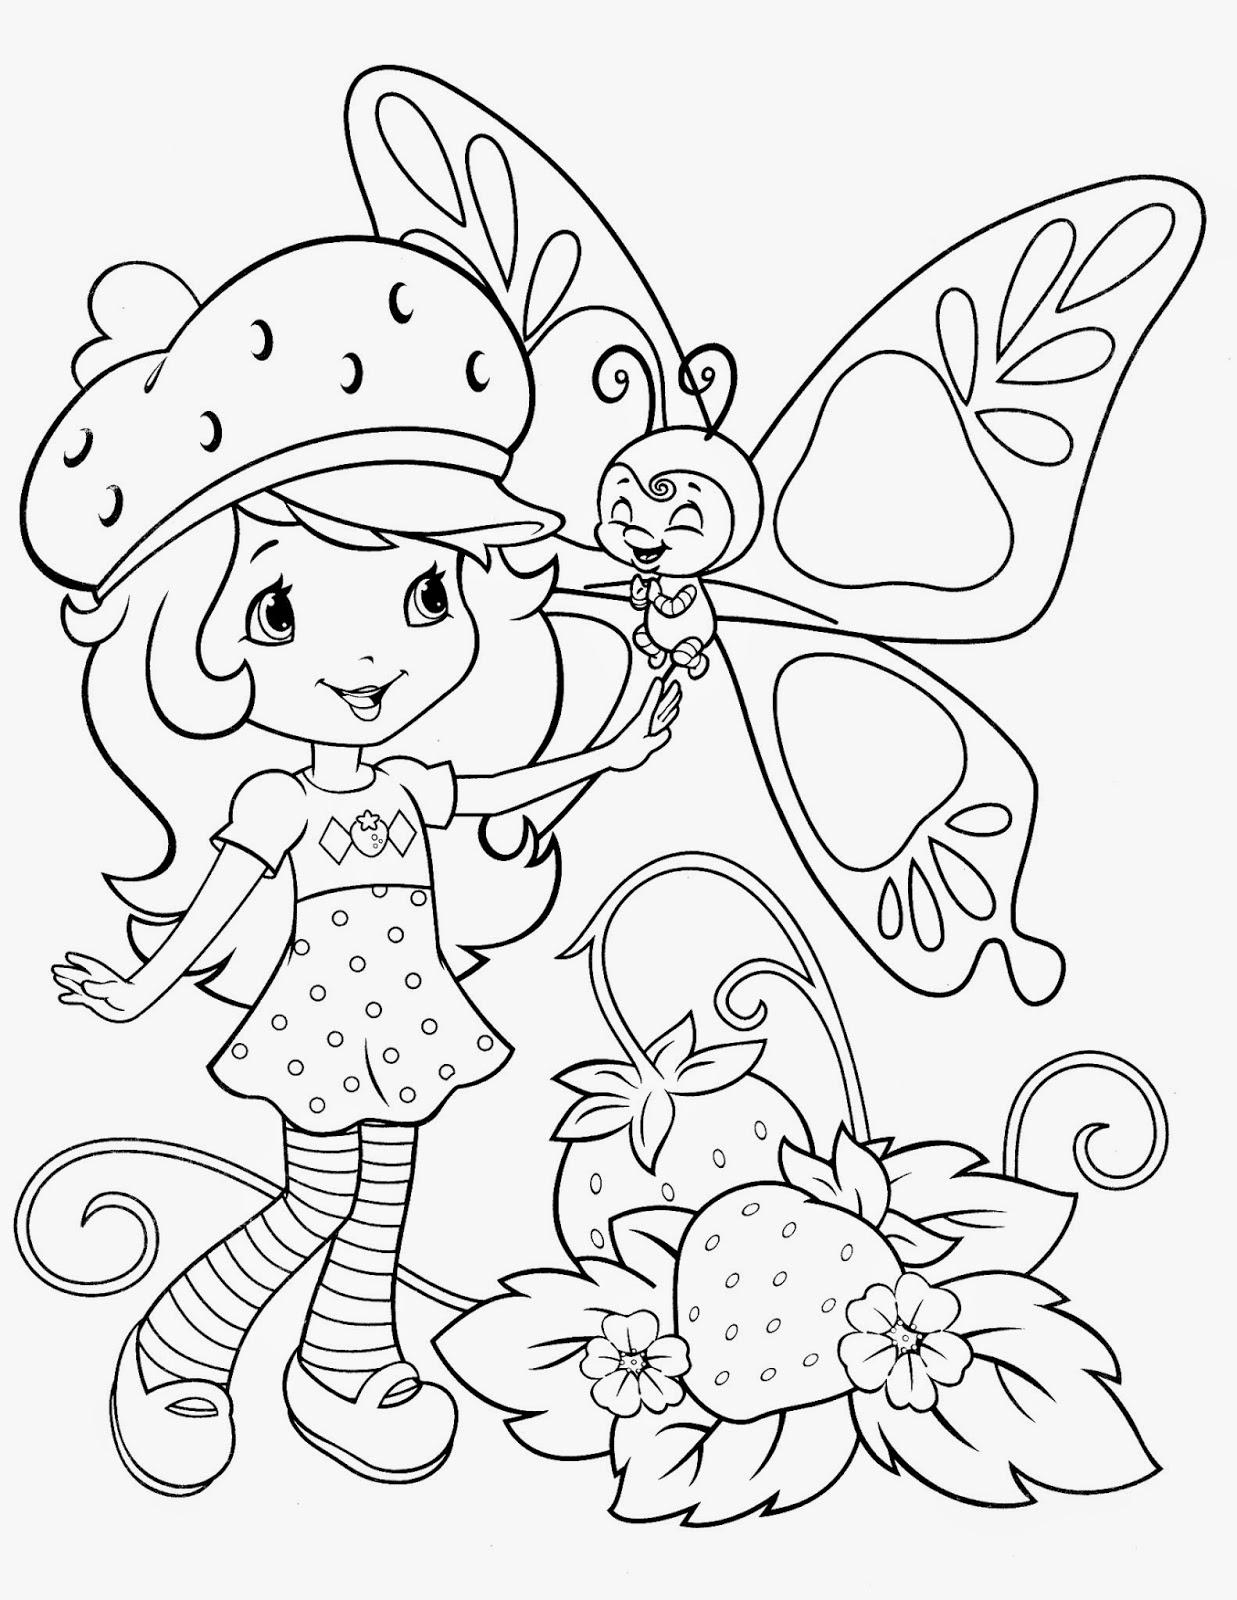 Desenhos de Moranguinho e sua turma para colorir, pintar, imprimir!